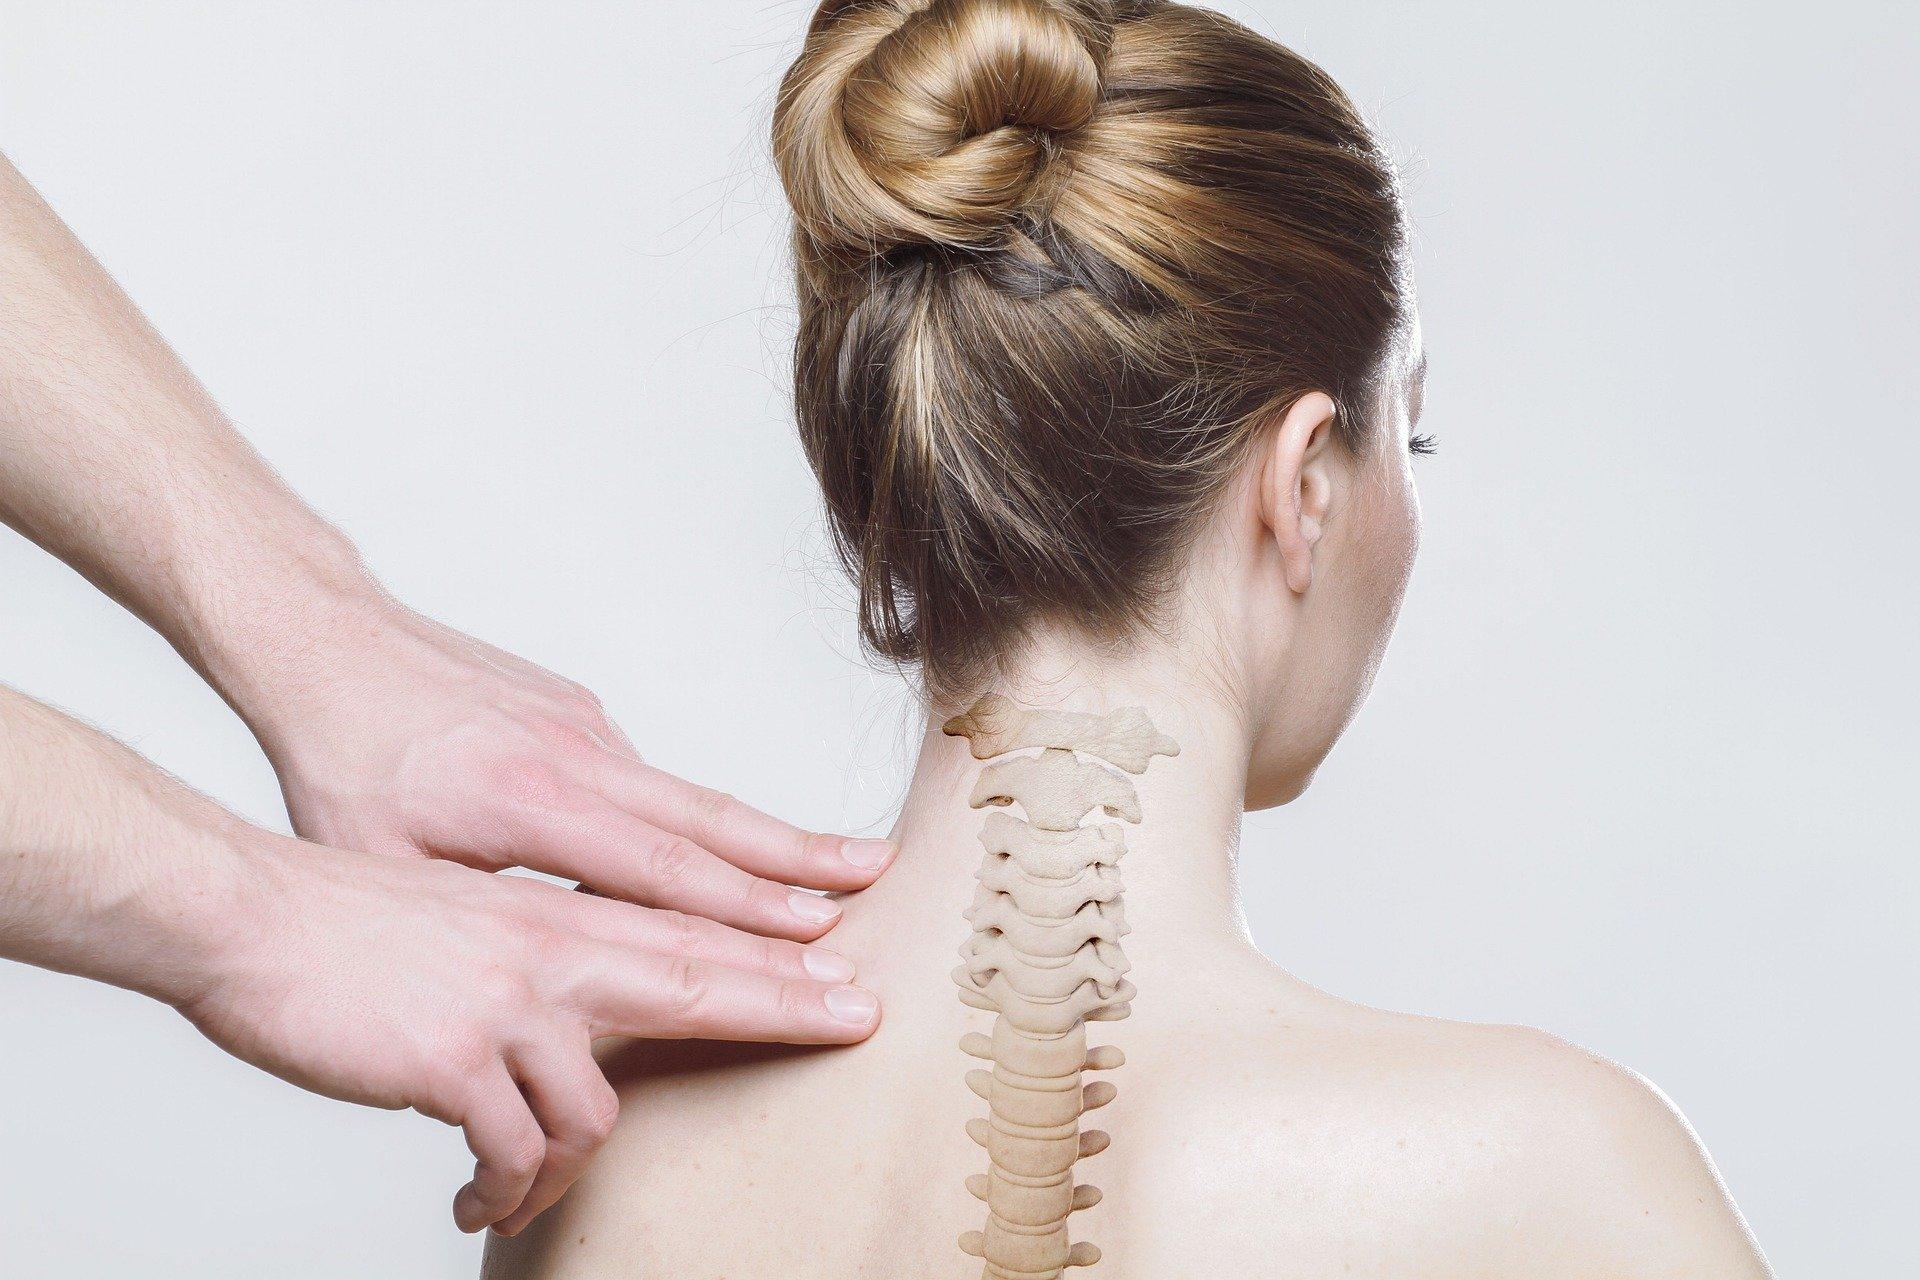 Arzt untersucht die Halswirbelsäule einer Patientin